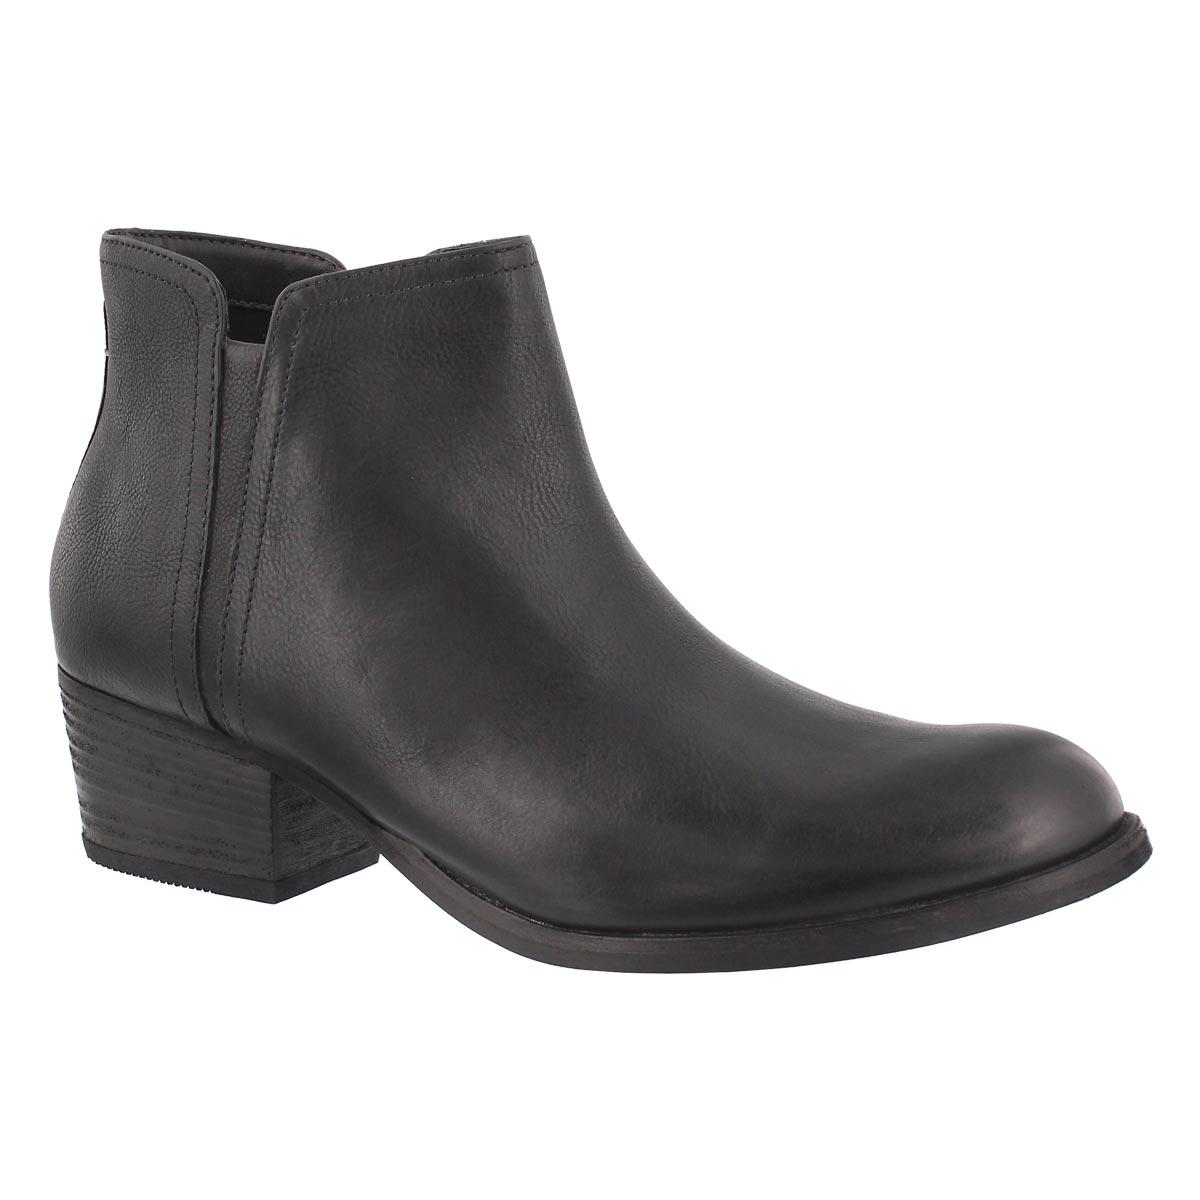 Women's MAYPEARL RAMIE black slip on booties